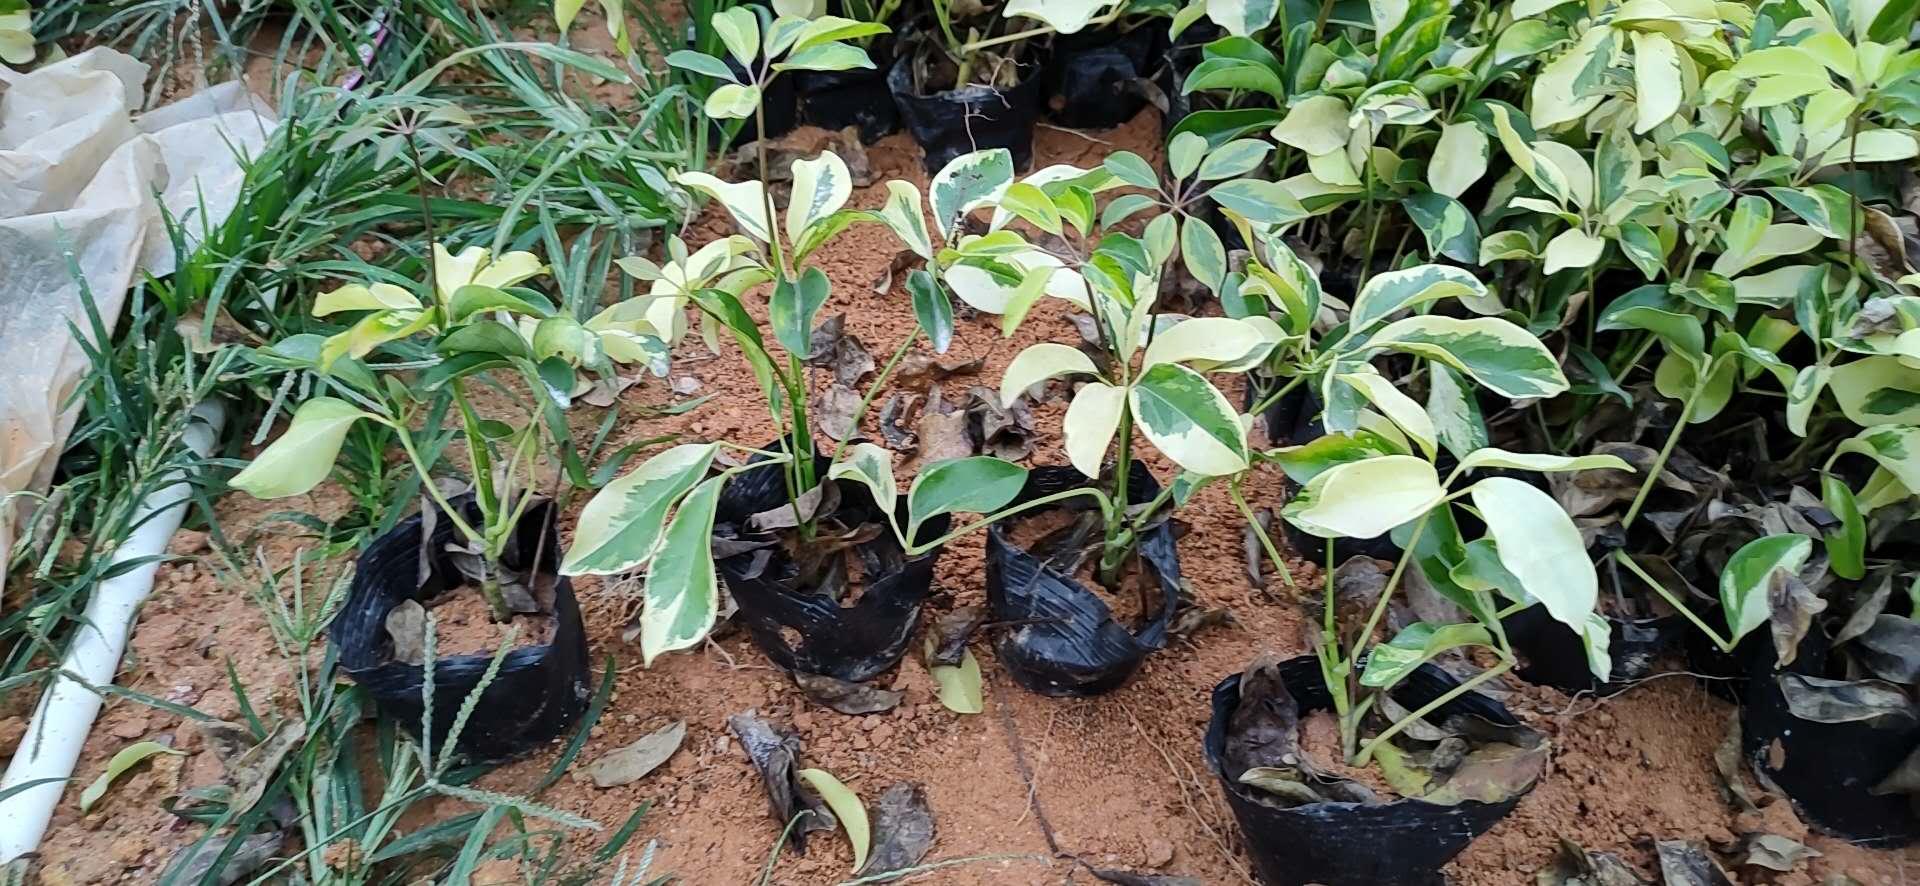 优质花叶鸭脚木 东莞优质花叶鸭脚木供应商 大量供应花叶鸭脚木